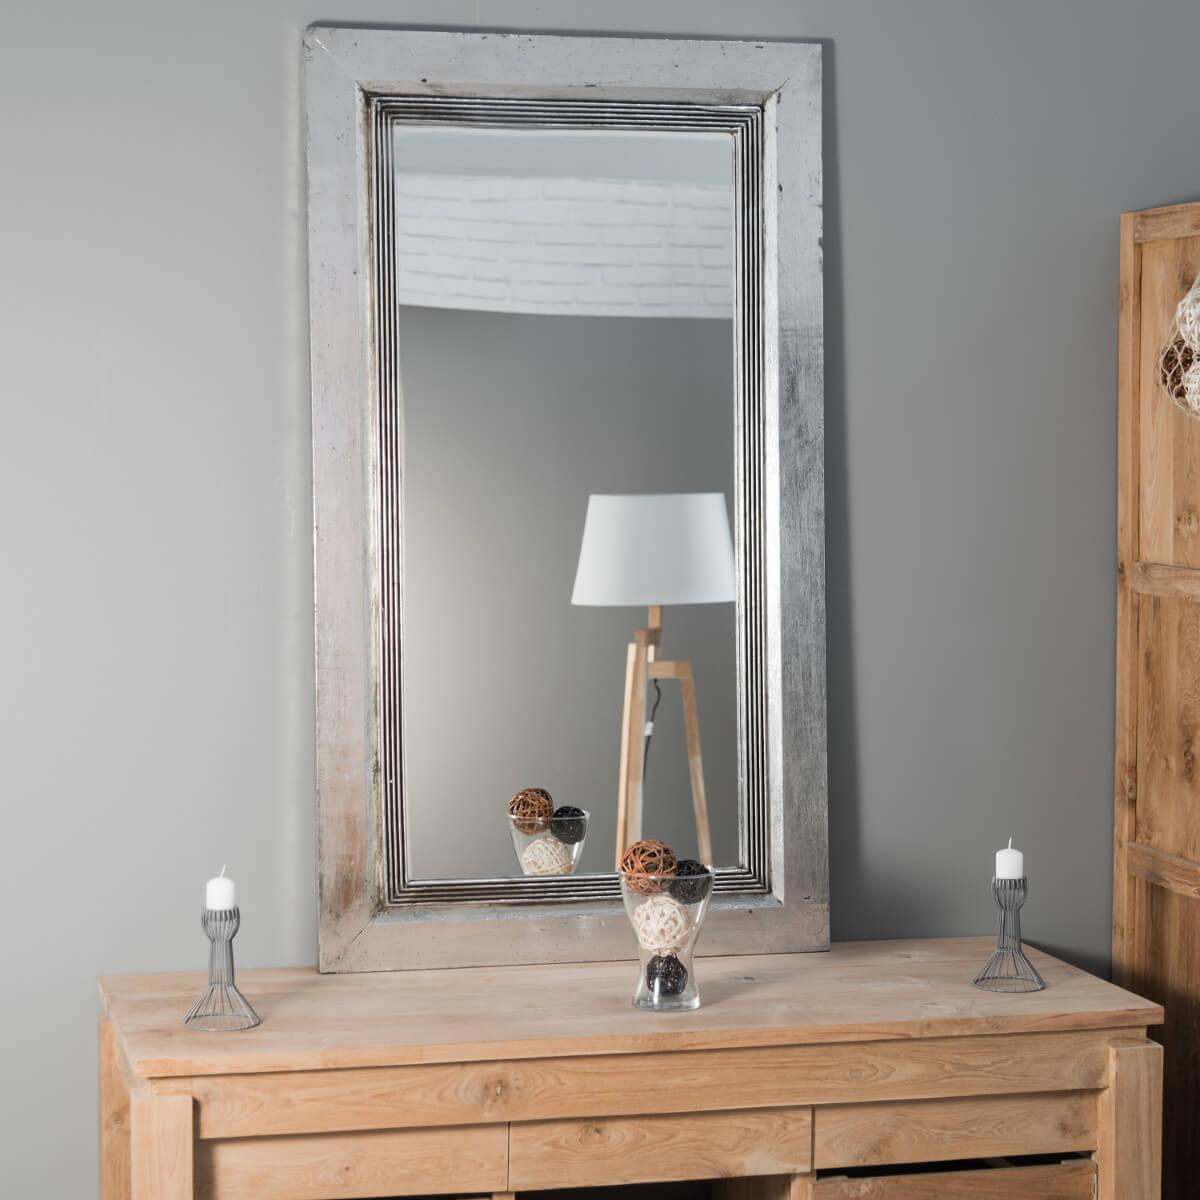 miroir 140 x 80 miroir led castorama miroir clairant oreti cm ampoule salle de bain lampe salle. Black Bedroom Furniture Sets. Home Design Ideas